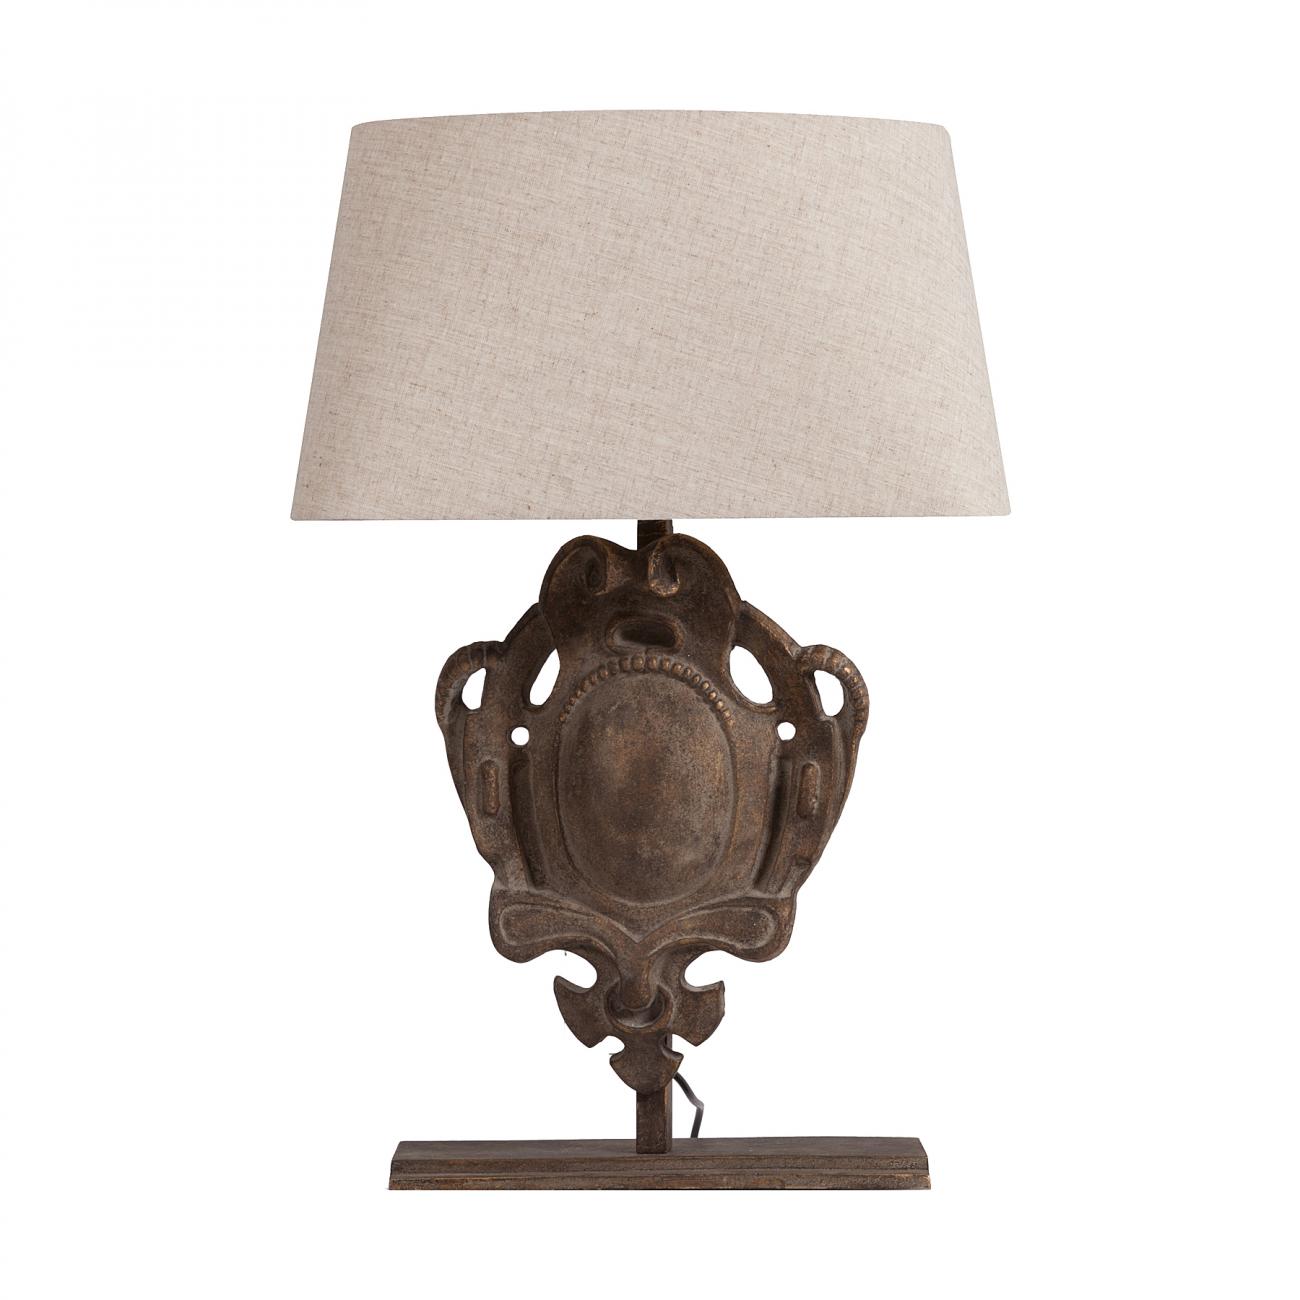 Купить Настольная лампа Sonochka в интернет магазине дизайнерской мебели и аксессуаров для дома и дачи